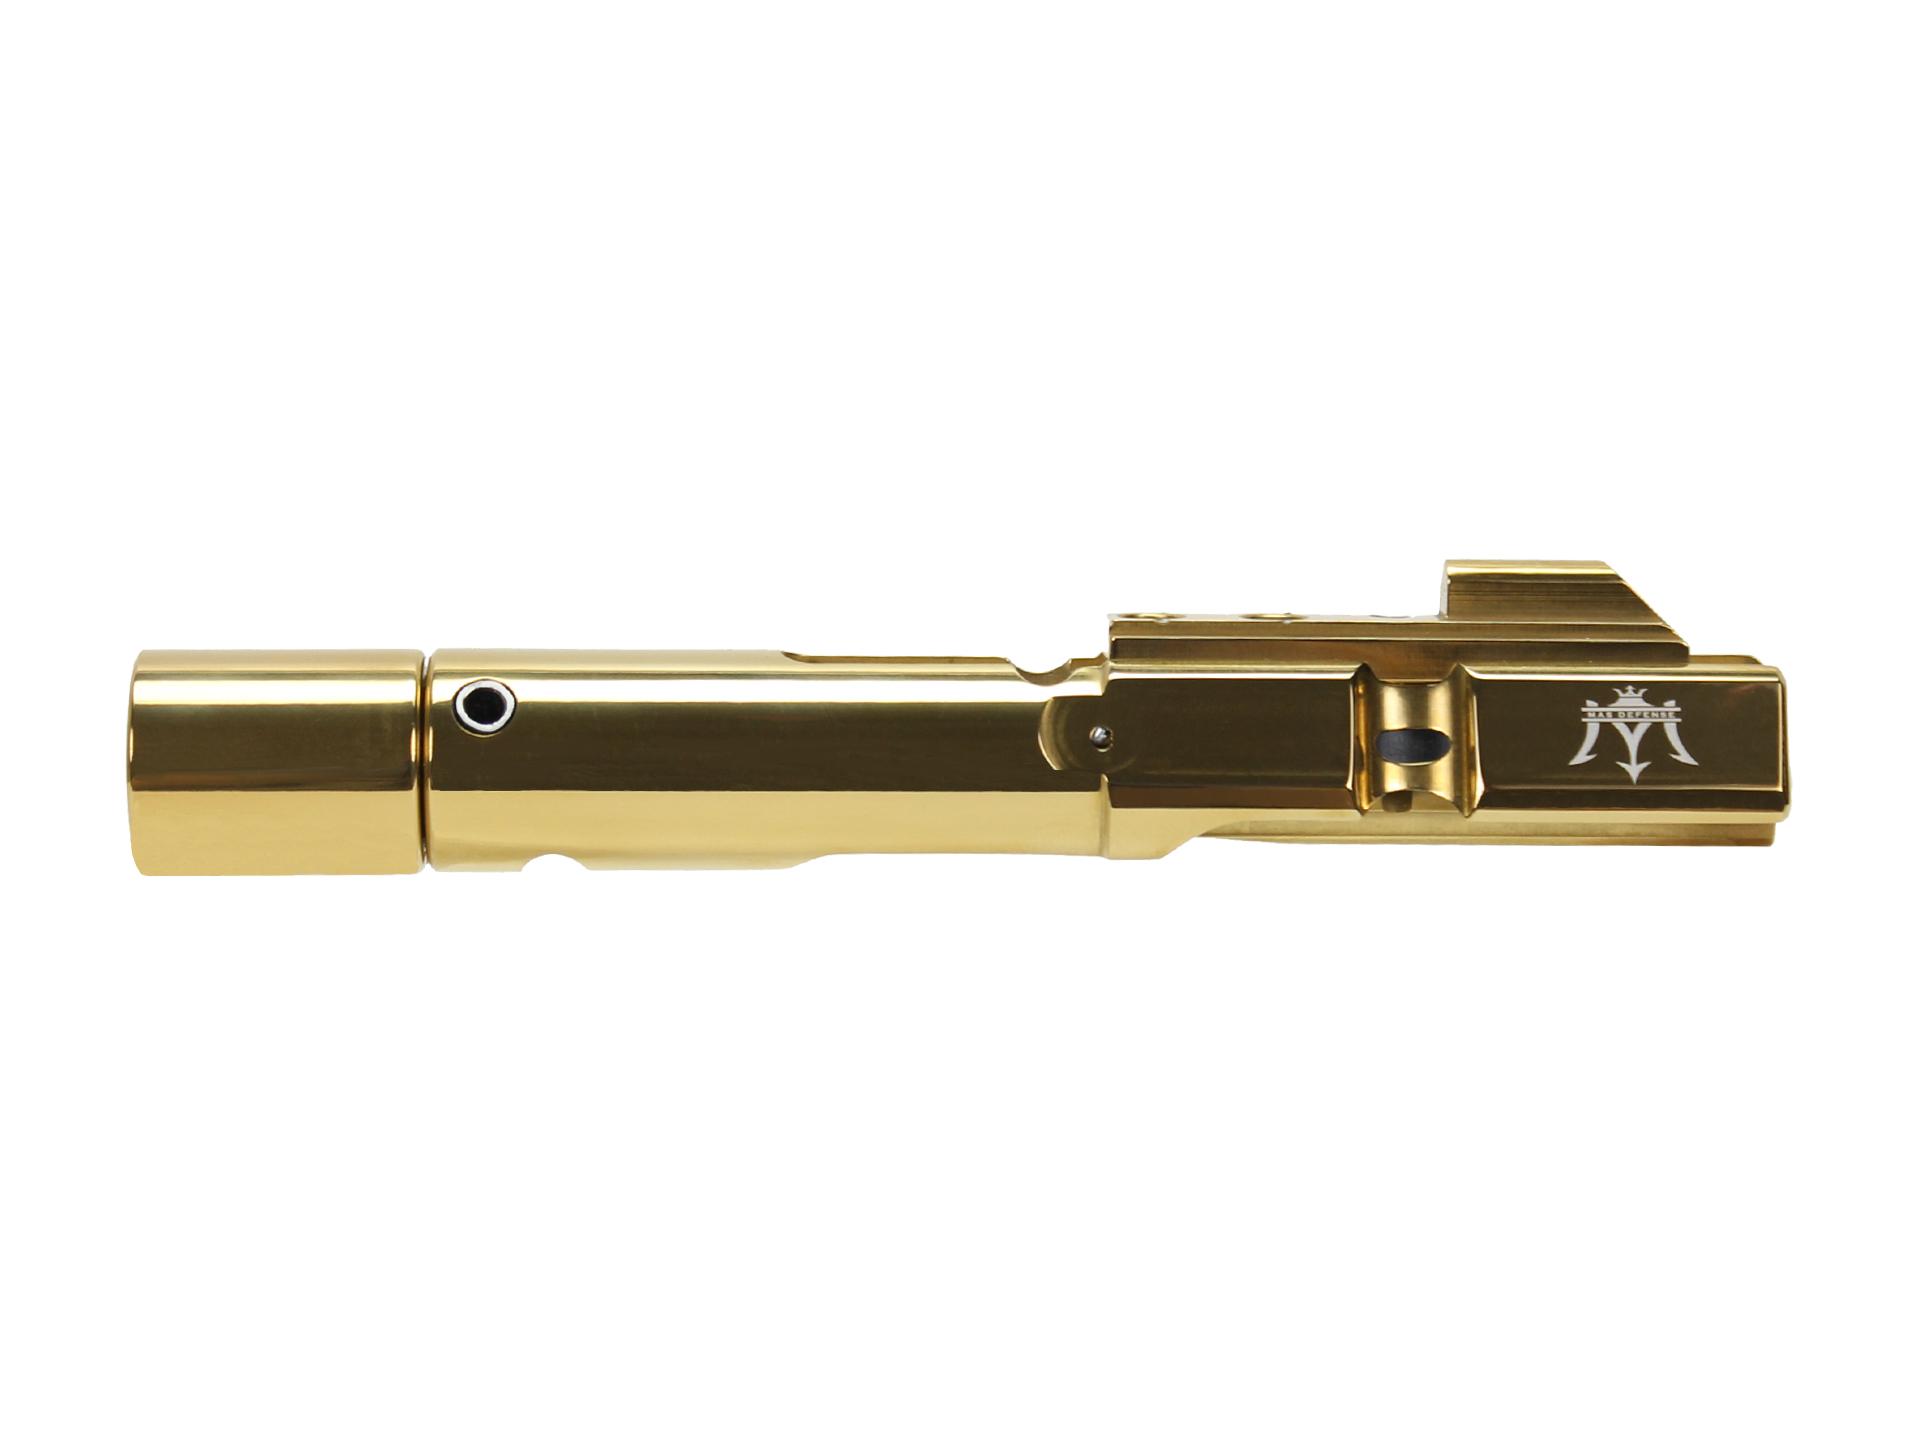 9MM AR9 Bolt Carrier Group Glock & Colt Titanium Nitride TiN Gold BCG -  $154 99